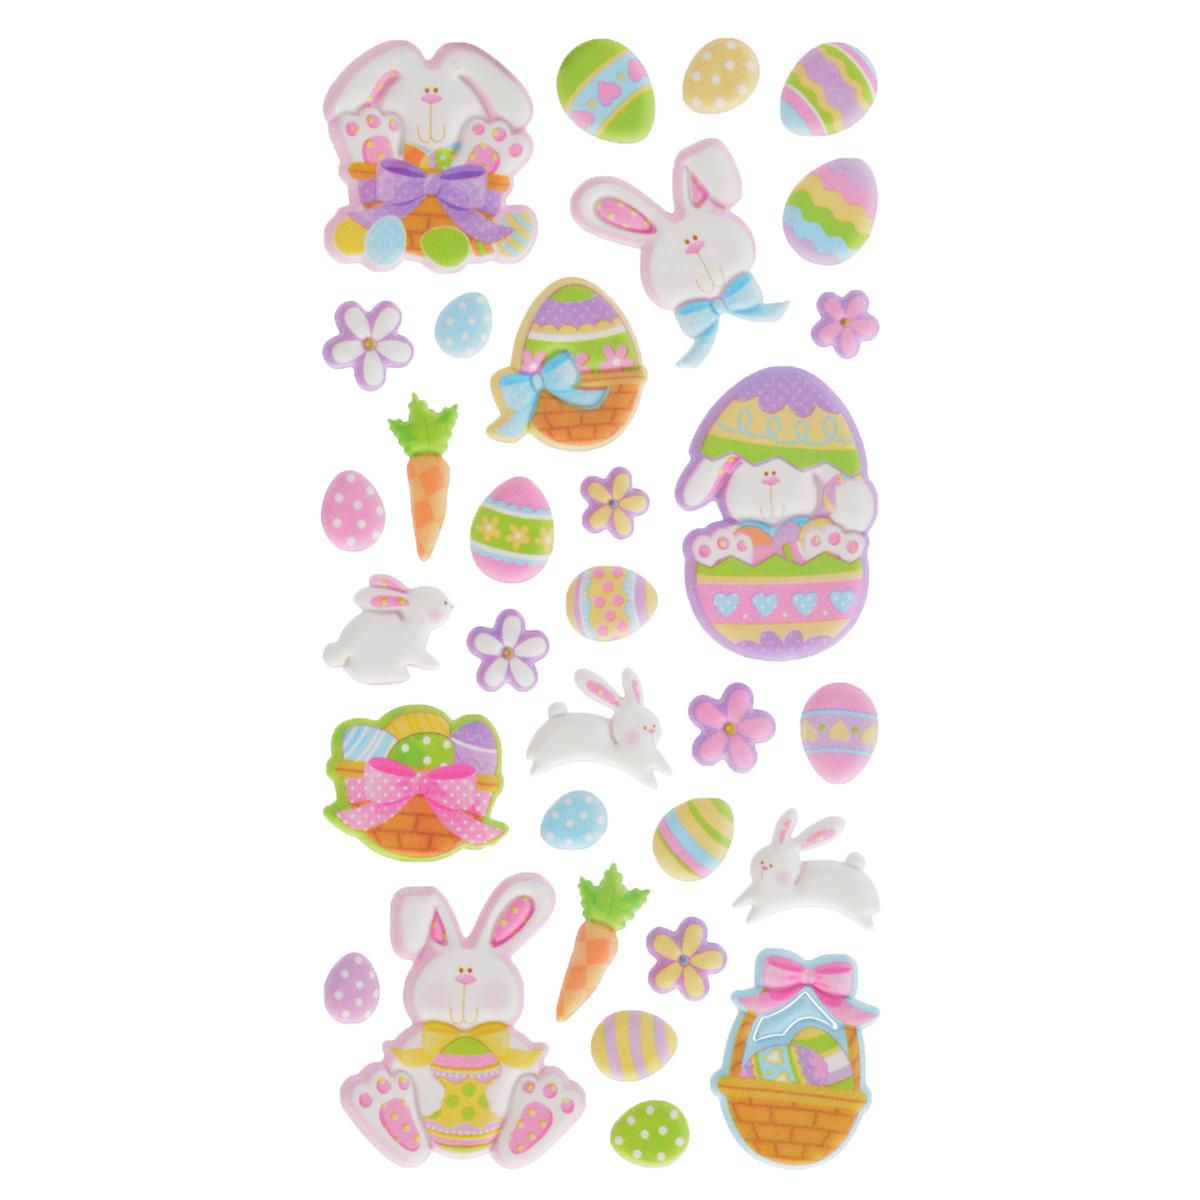 Набор объемных наклеек Home Queen Кролик в яйце, 32 шт60879_5Набор объемных наклеек Home Queen Кролик в яйце прекрасно подойдет для оформления творческих работ. Их можно использовать для скрапбукинга, украшения упаковок, подарков и конвертов, открыток, декорирования коллажей, фотографий, изделий ручной работы и предметов интерьера. Объемные наклейки выполнены из пластика. Задняя сторона клейкая. В наборе - 32 объемные наклейки, выполненные в виде пасхального кролика, яиц и цветов. Такой набор украшений создаст атмосферу праздника в вашем доме. Комплектация: 32 шт. Средний размер наклейки: 2,5 см х 2,5 см.